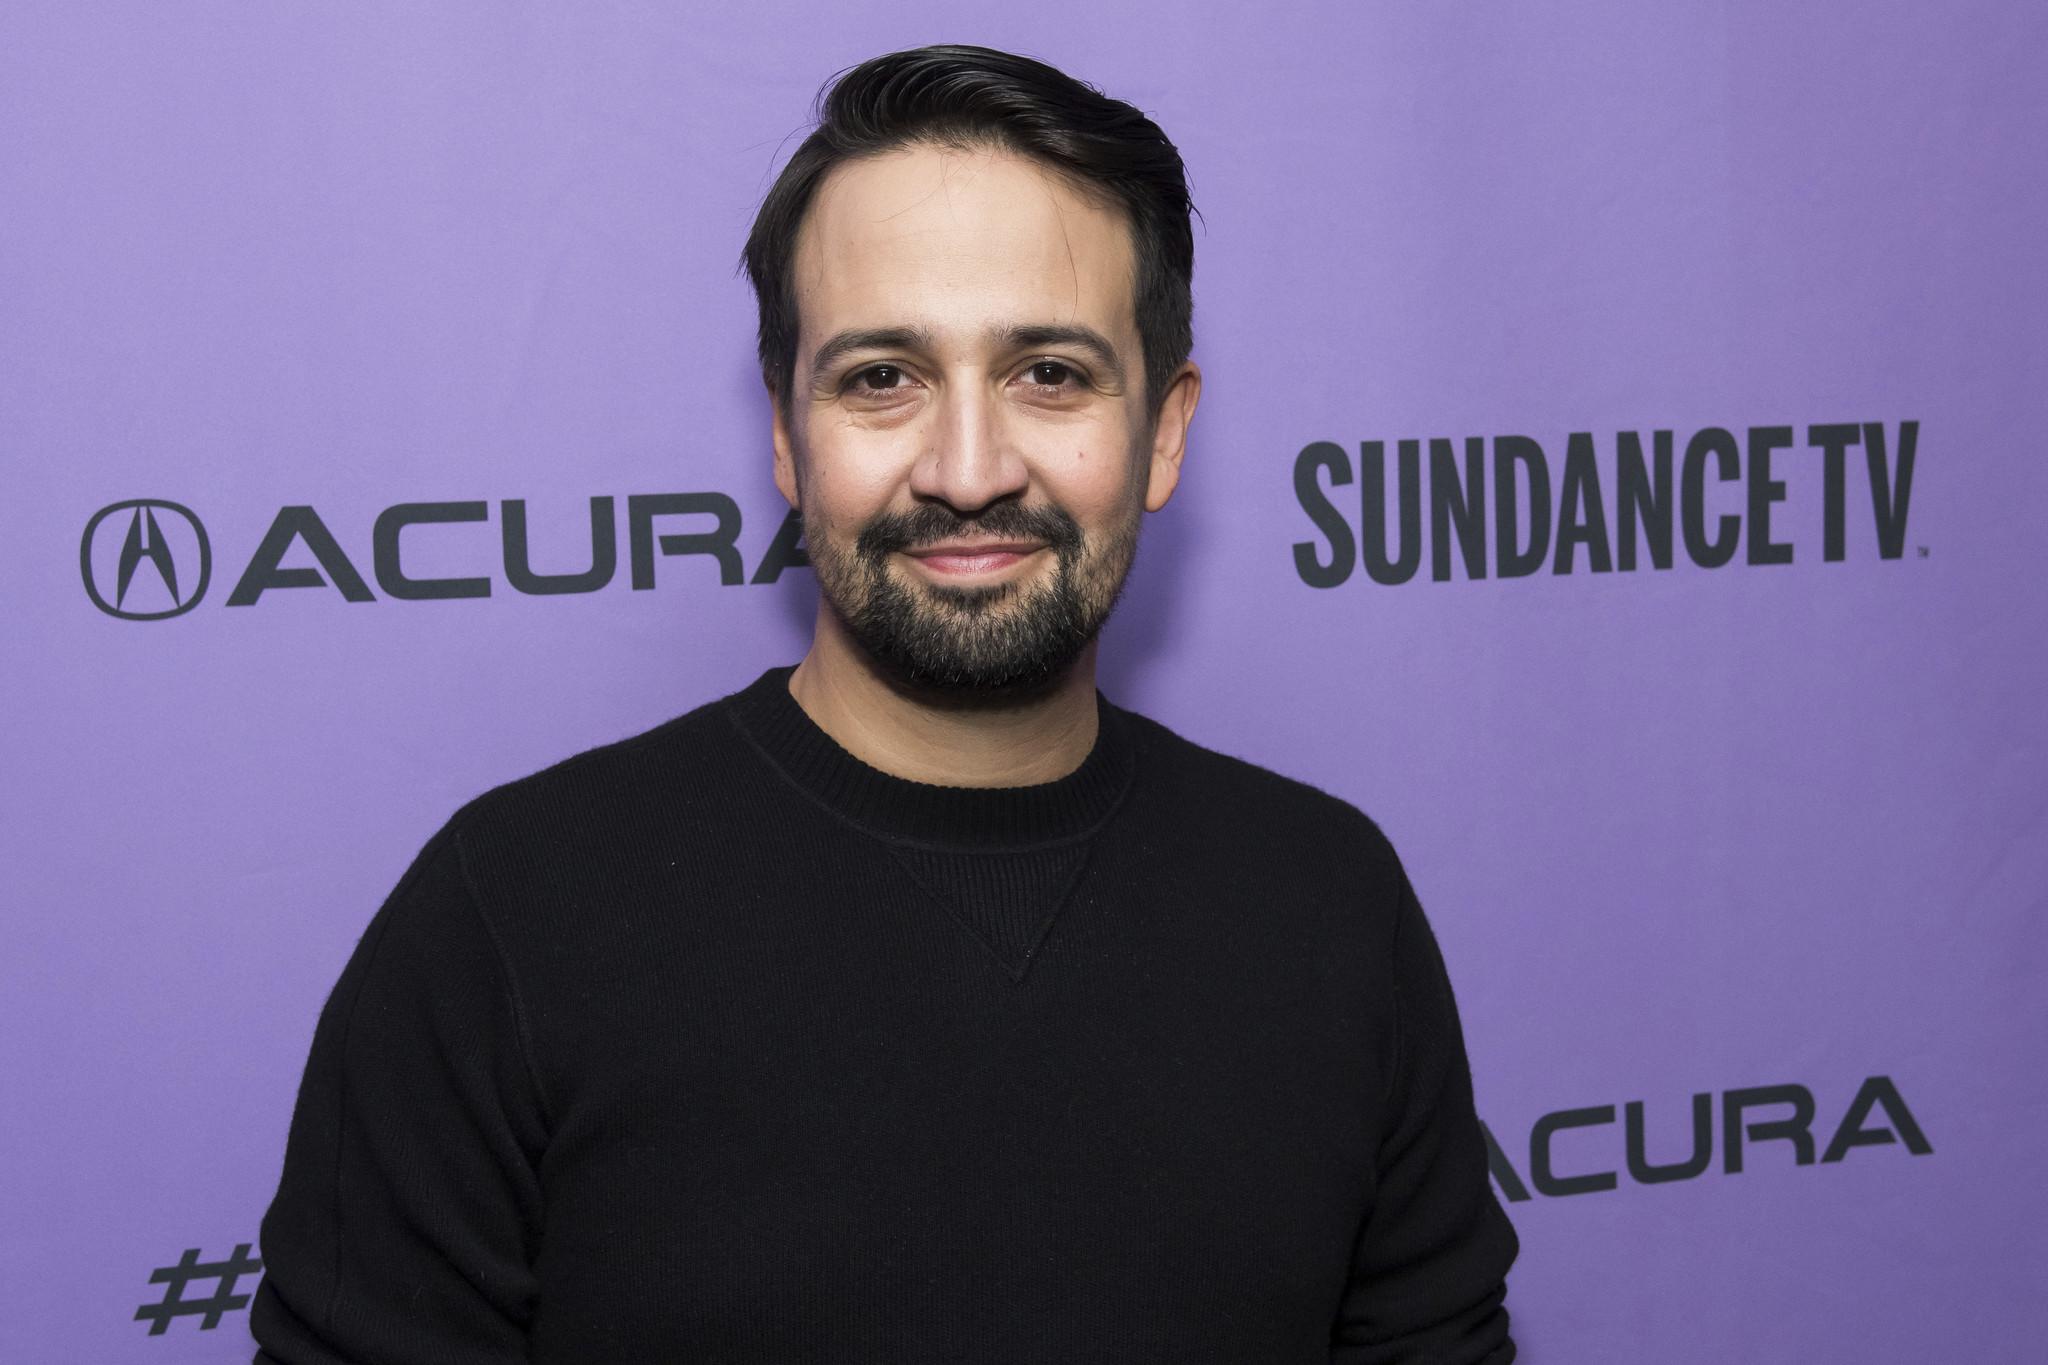 At Sundance, Lin-Manuel Miranda shares the spotlight